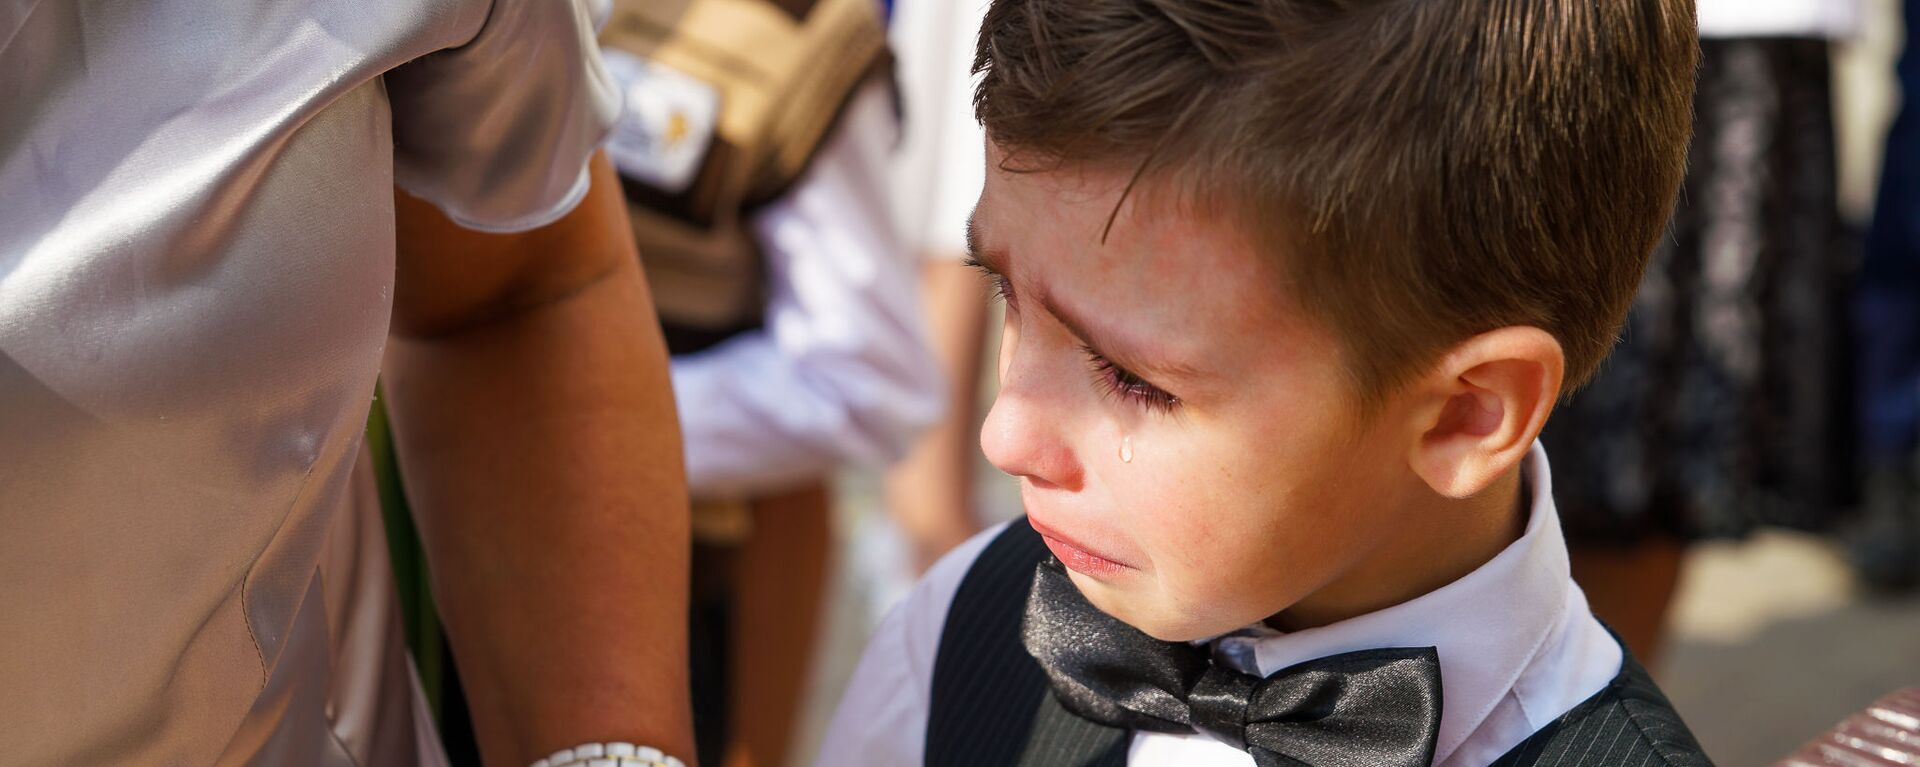 День знаний в Рижской средней школе №88. Первоклассник плачет на торжественной линейке - Sputnik Латвия, 1920, 25.08.2021